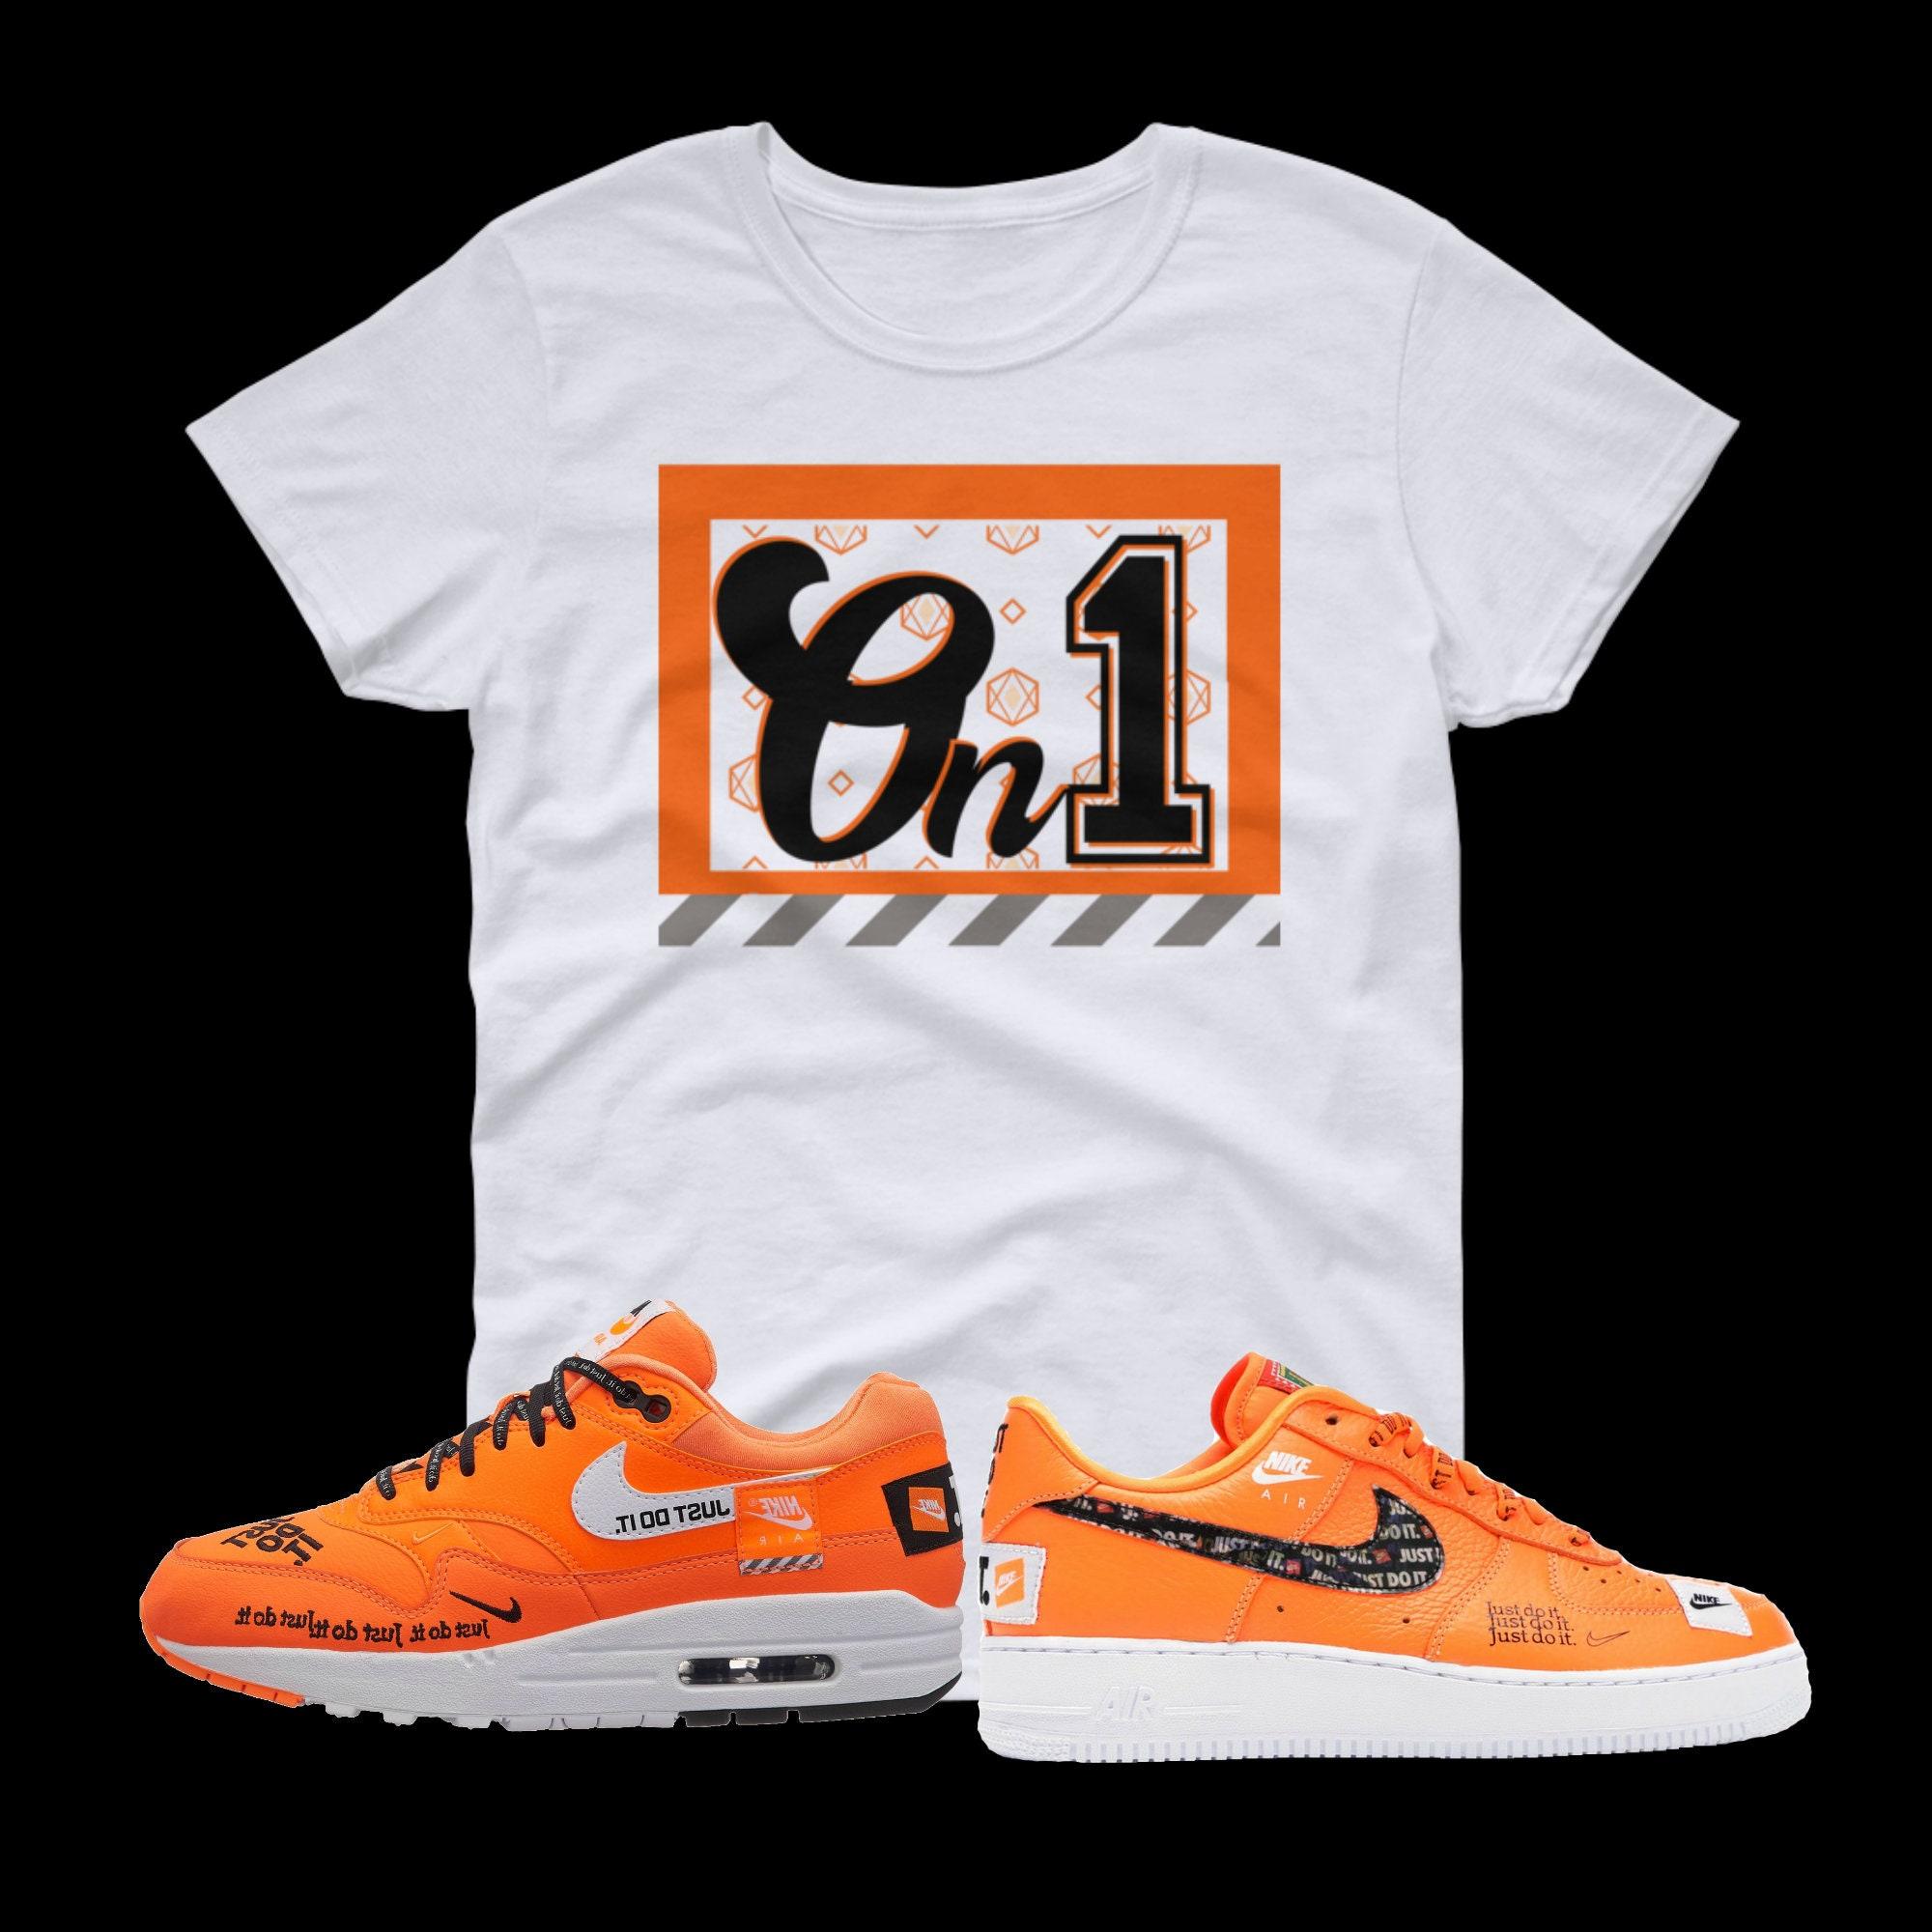 11b773b209 I'm On One DJ Khaled Women's T-Shirt for Nike Air Max | Etsy